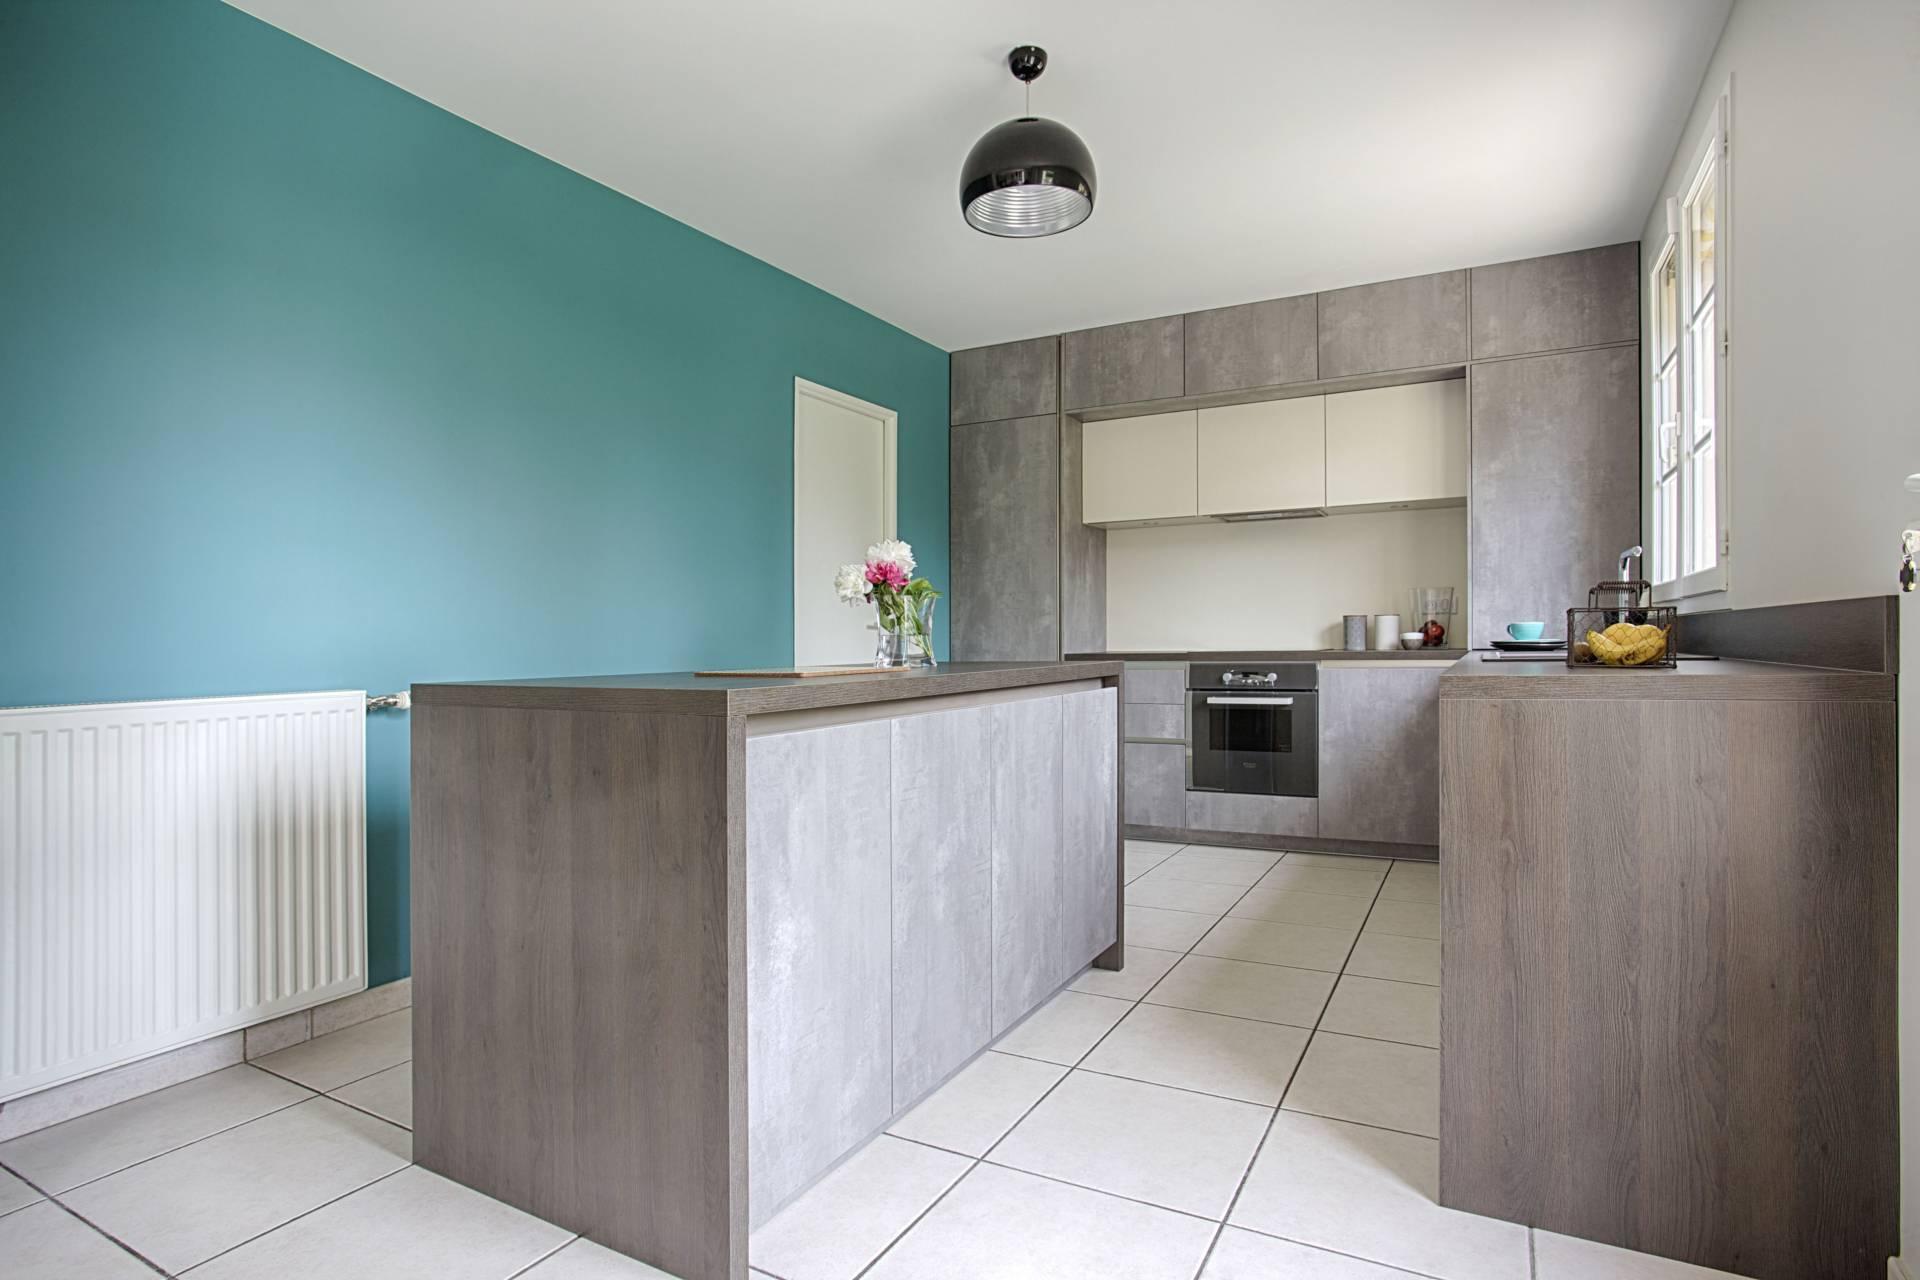 Création cuisine ouverte et d'un meuble sous escalier